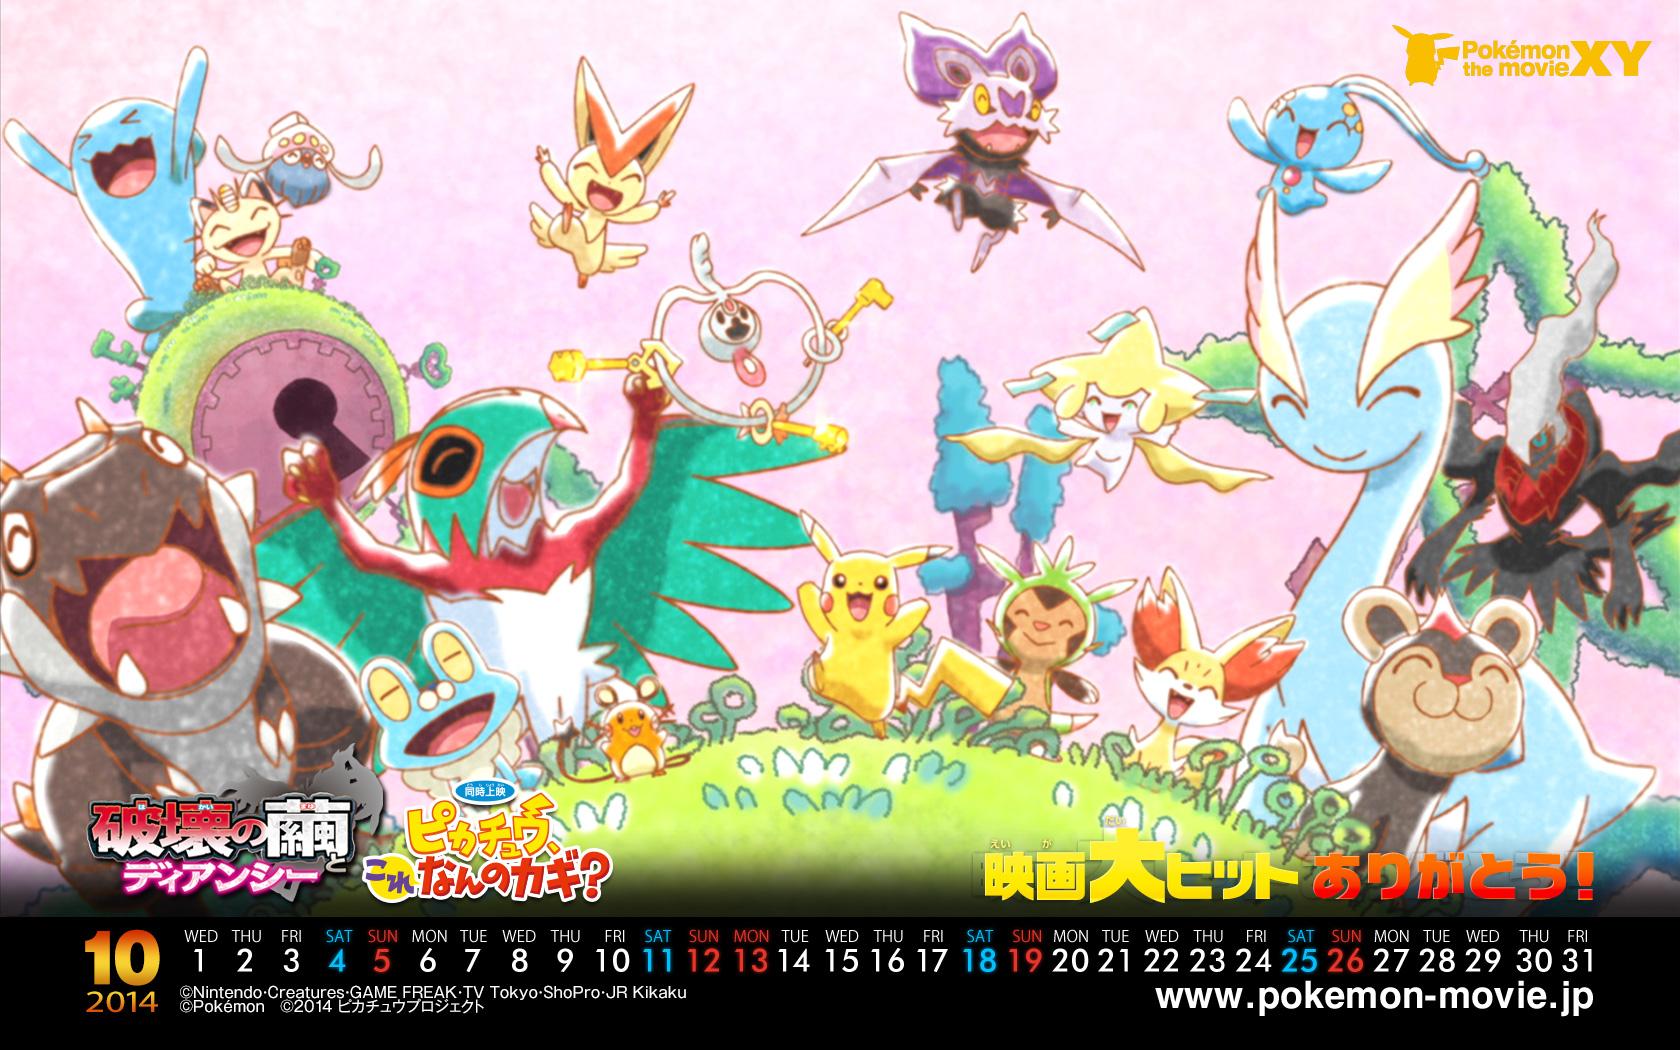 ポケモン カレンダー壁紙 2014年10月 ポケモン映画公式サイト ポケモン